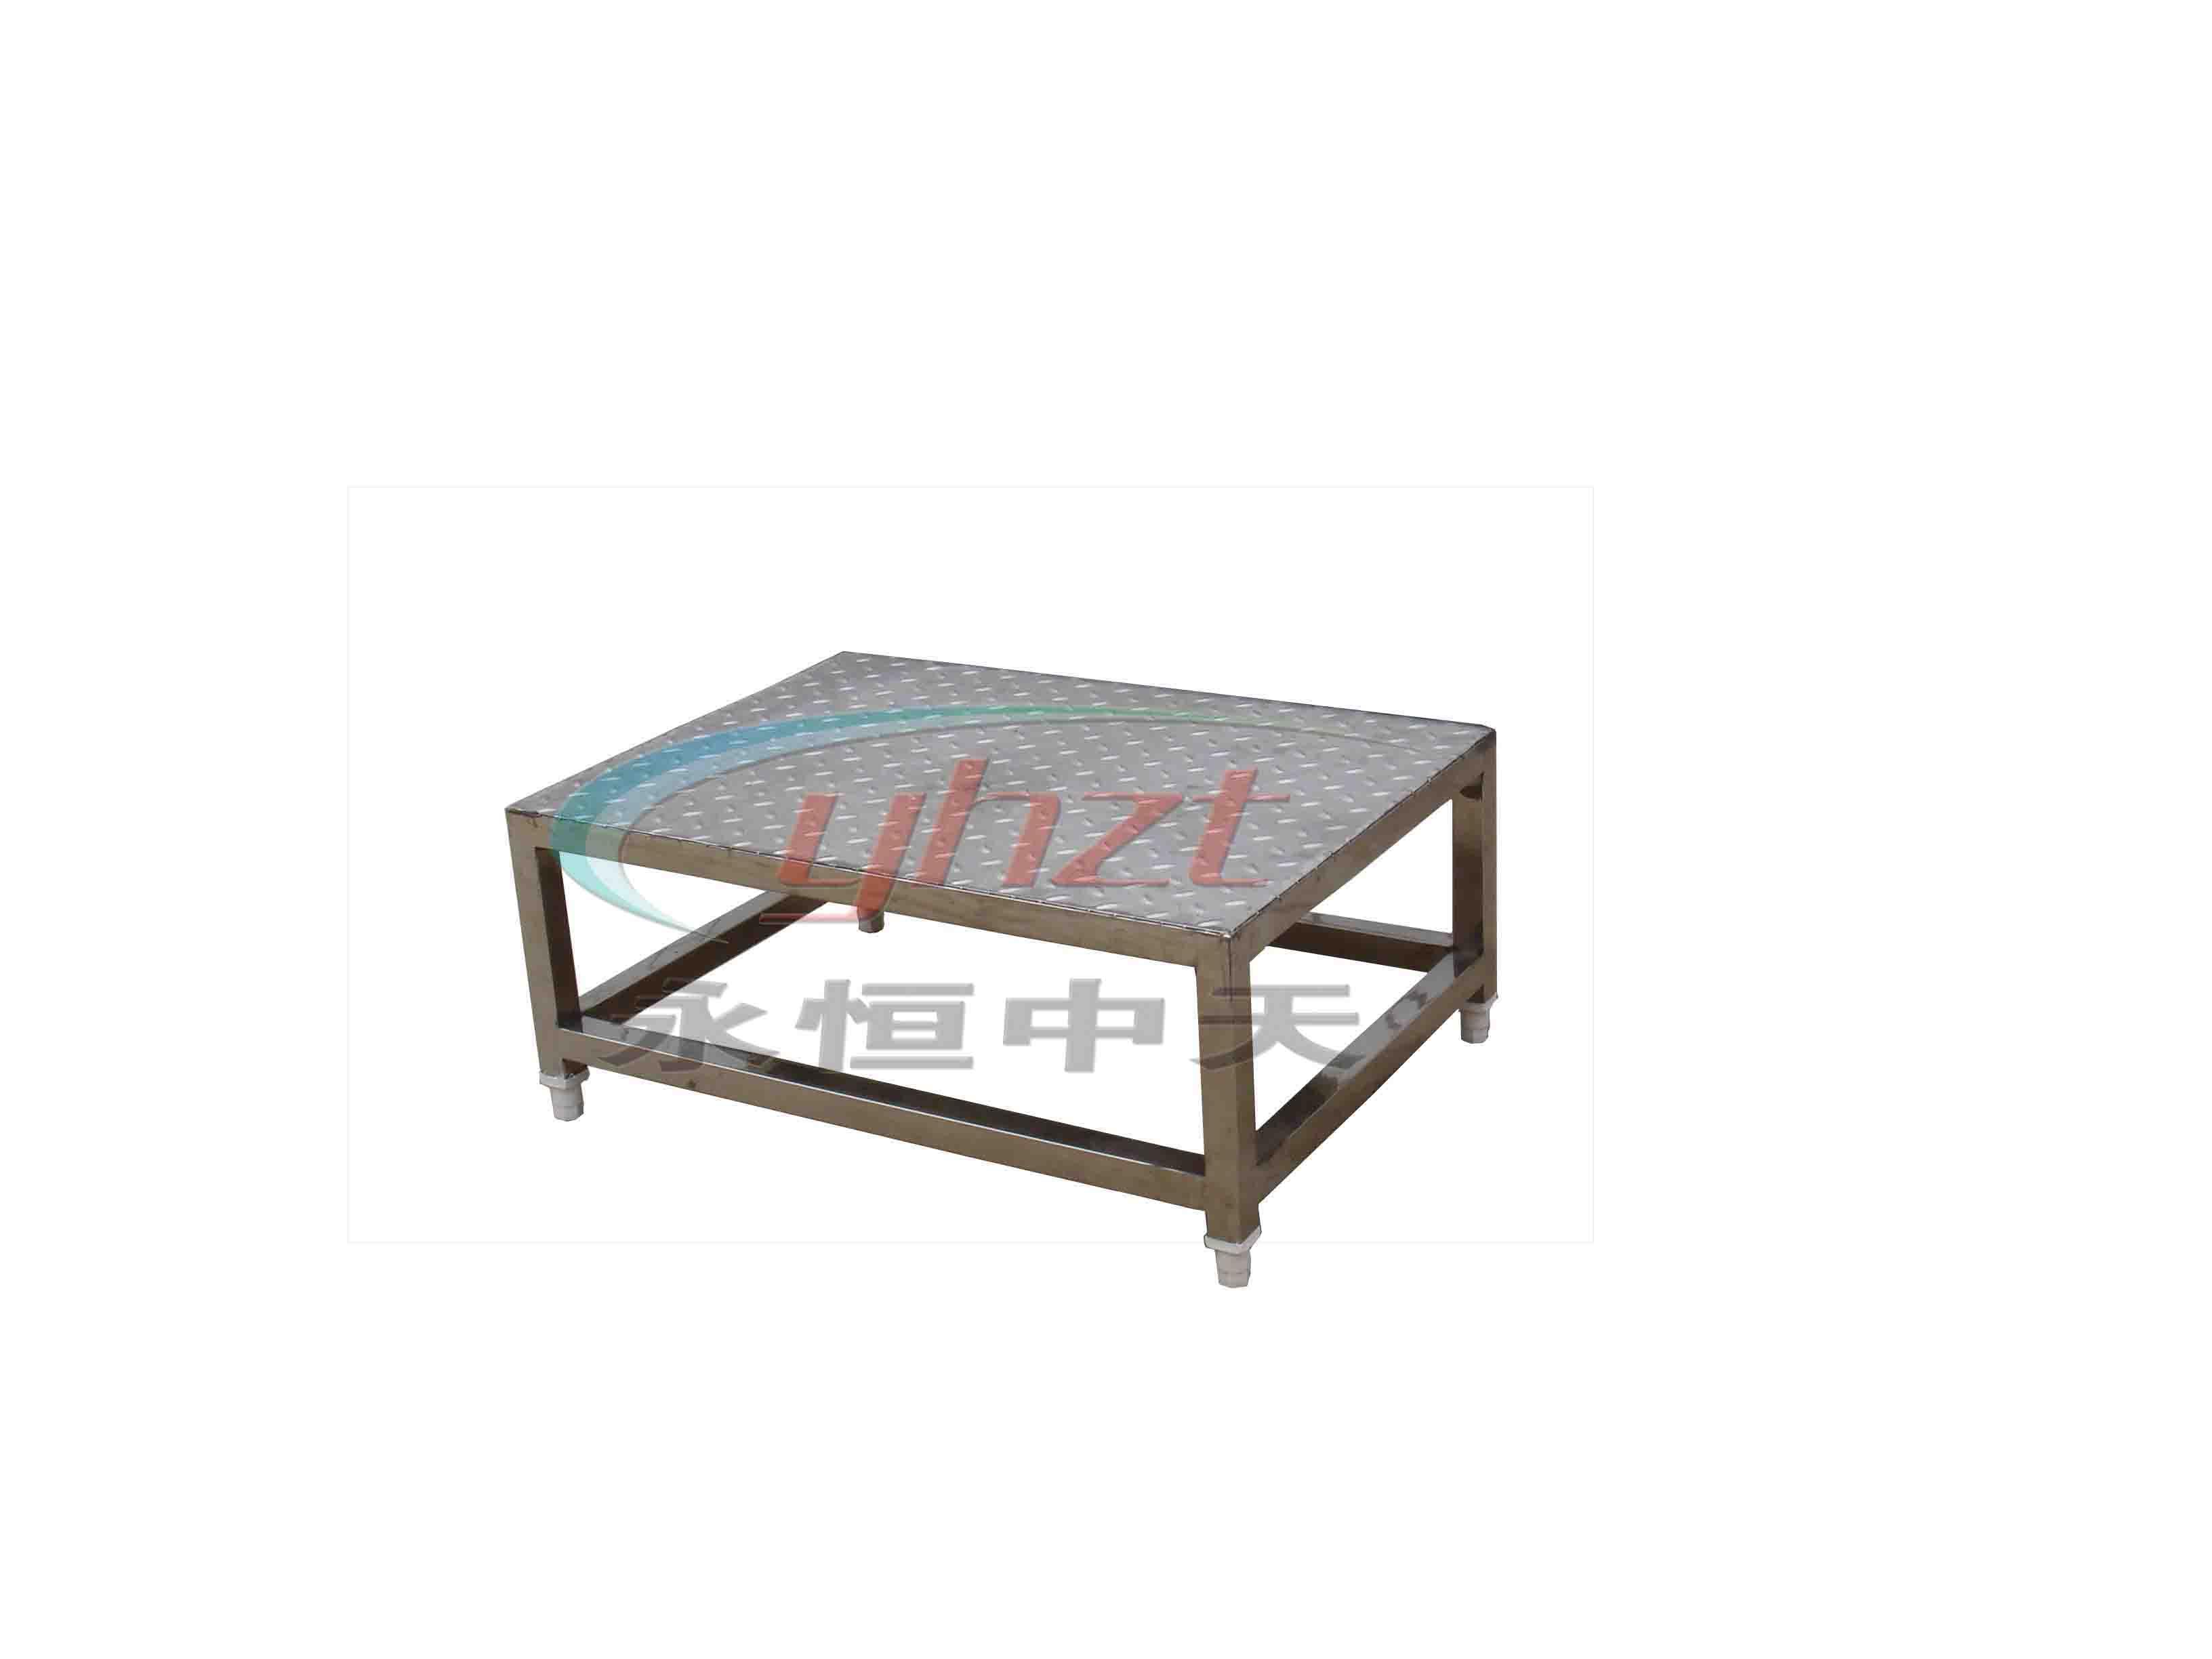 供应不锈钢防滑地架不锈钢货架不锈钢层架不锈钢衣架不锈钢毛巾架